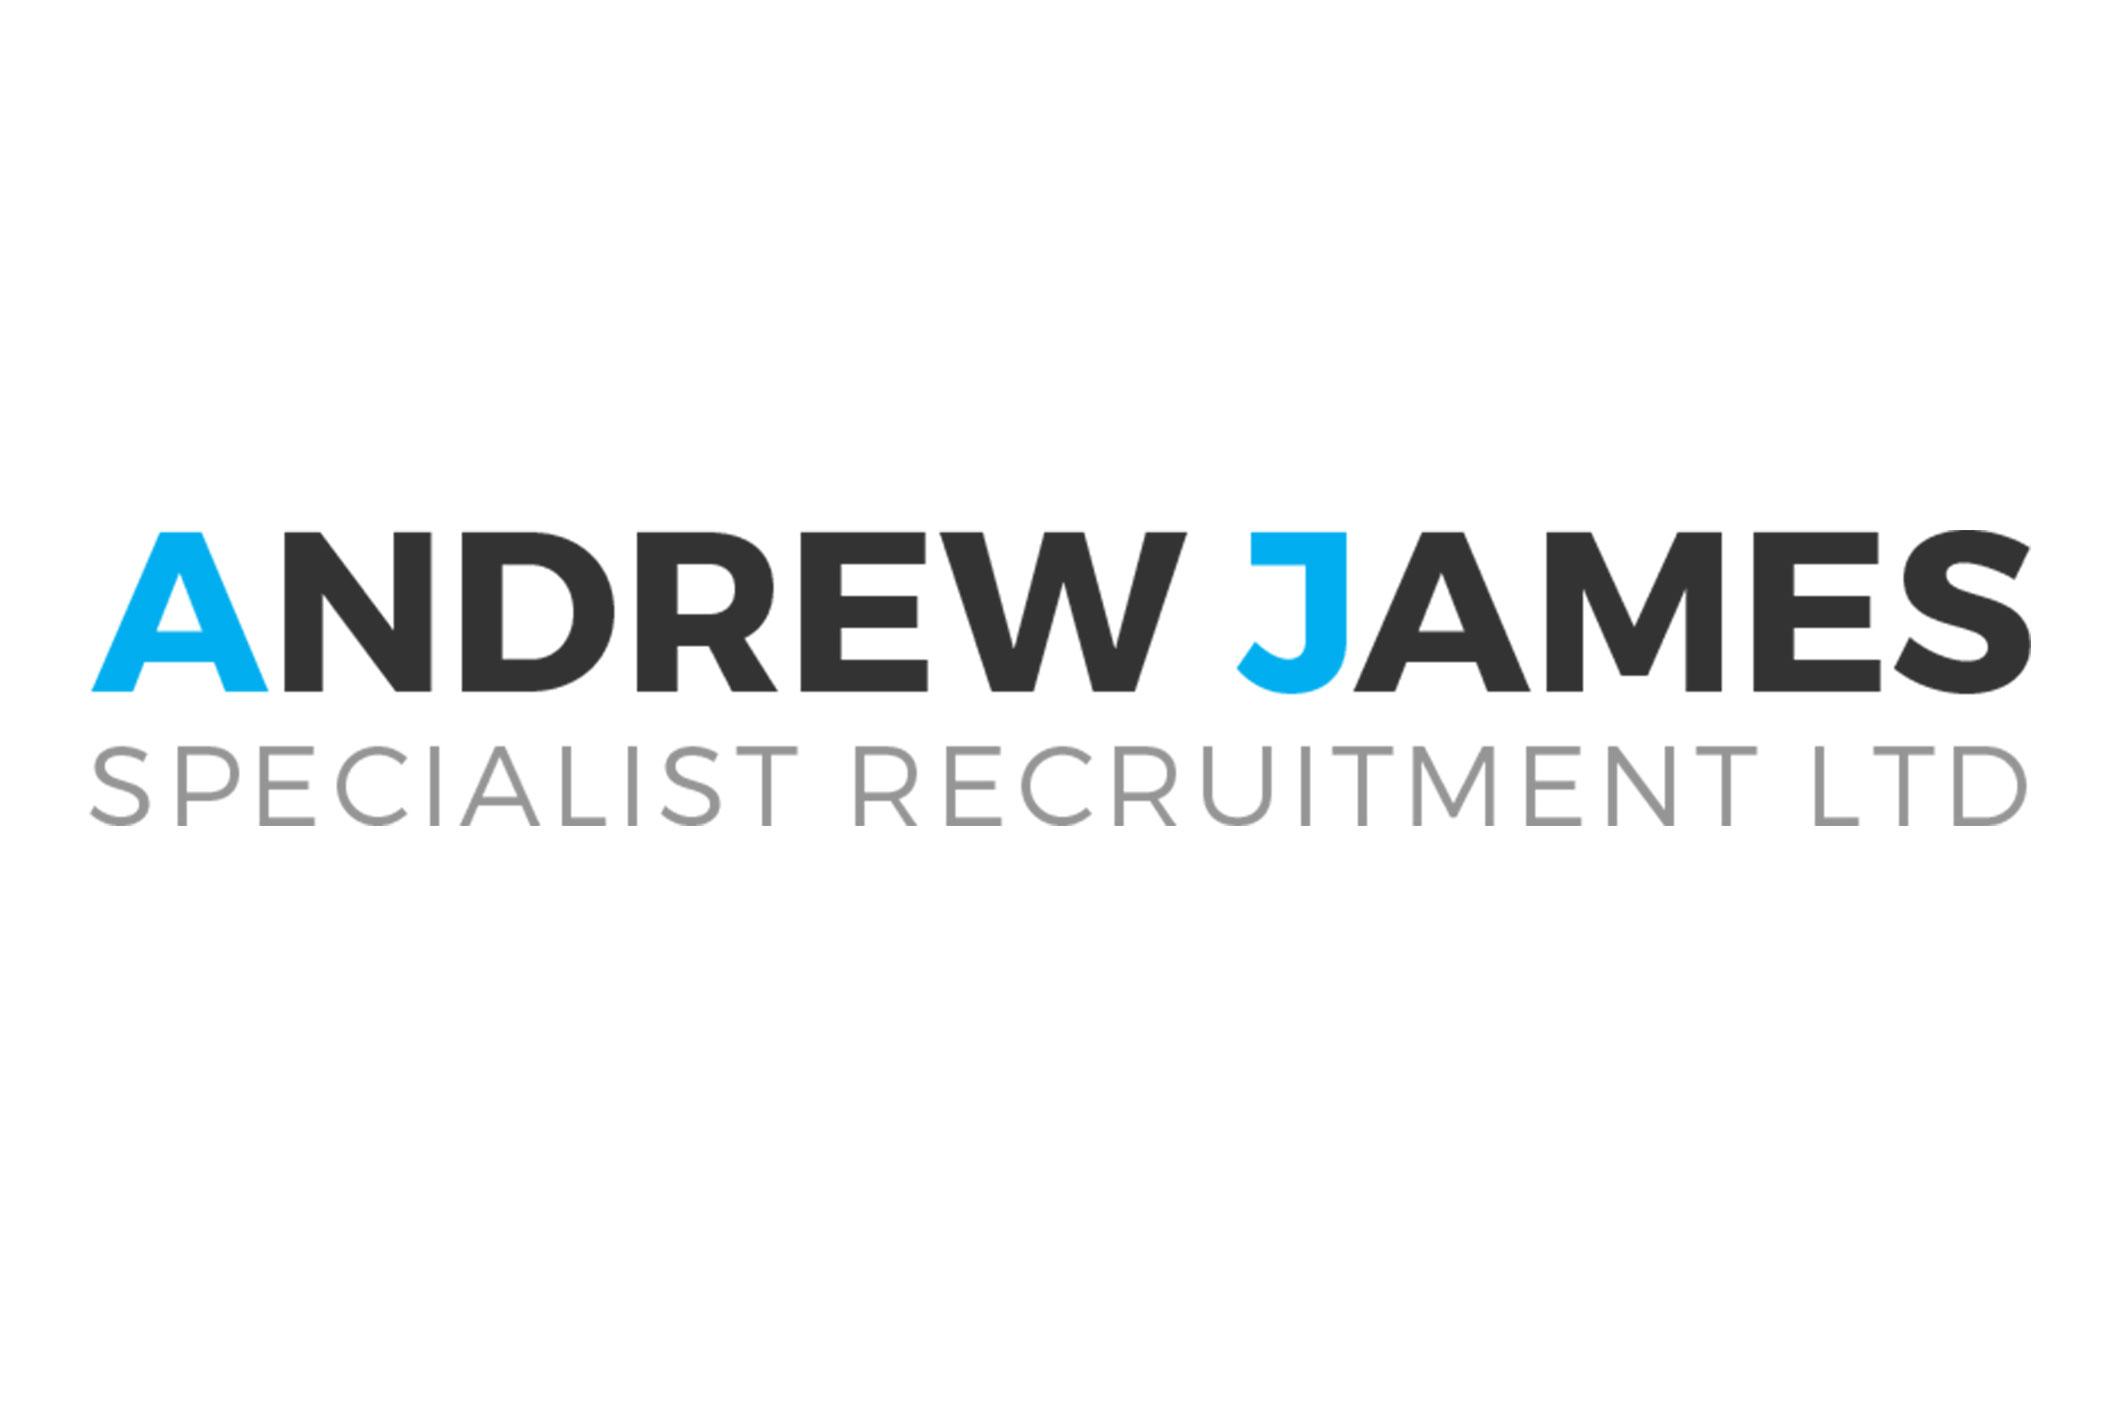 Andrew James Recruitment